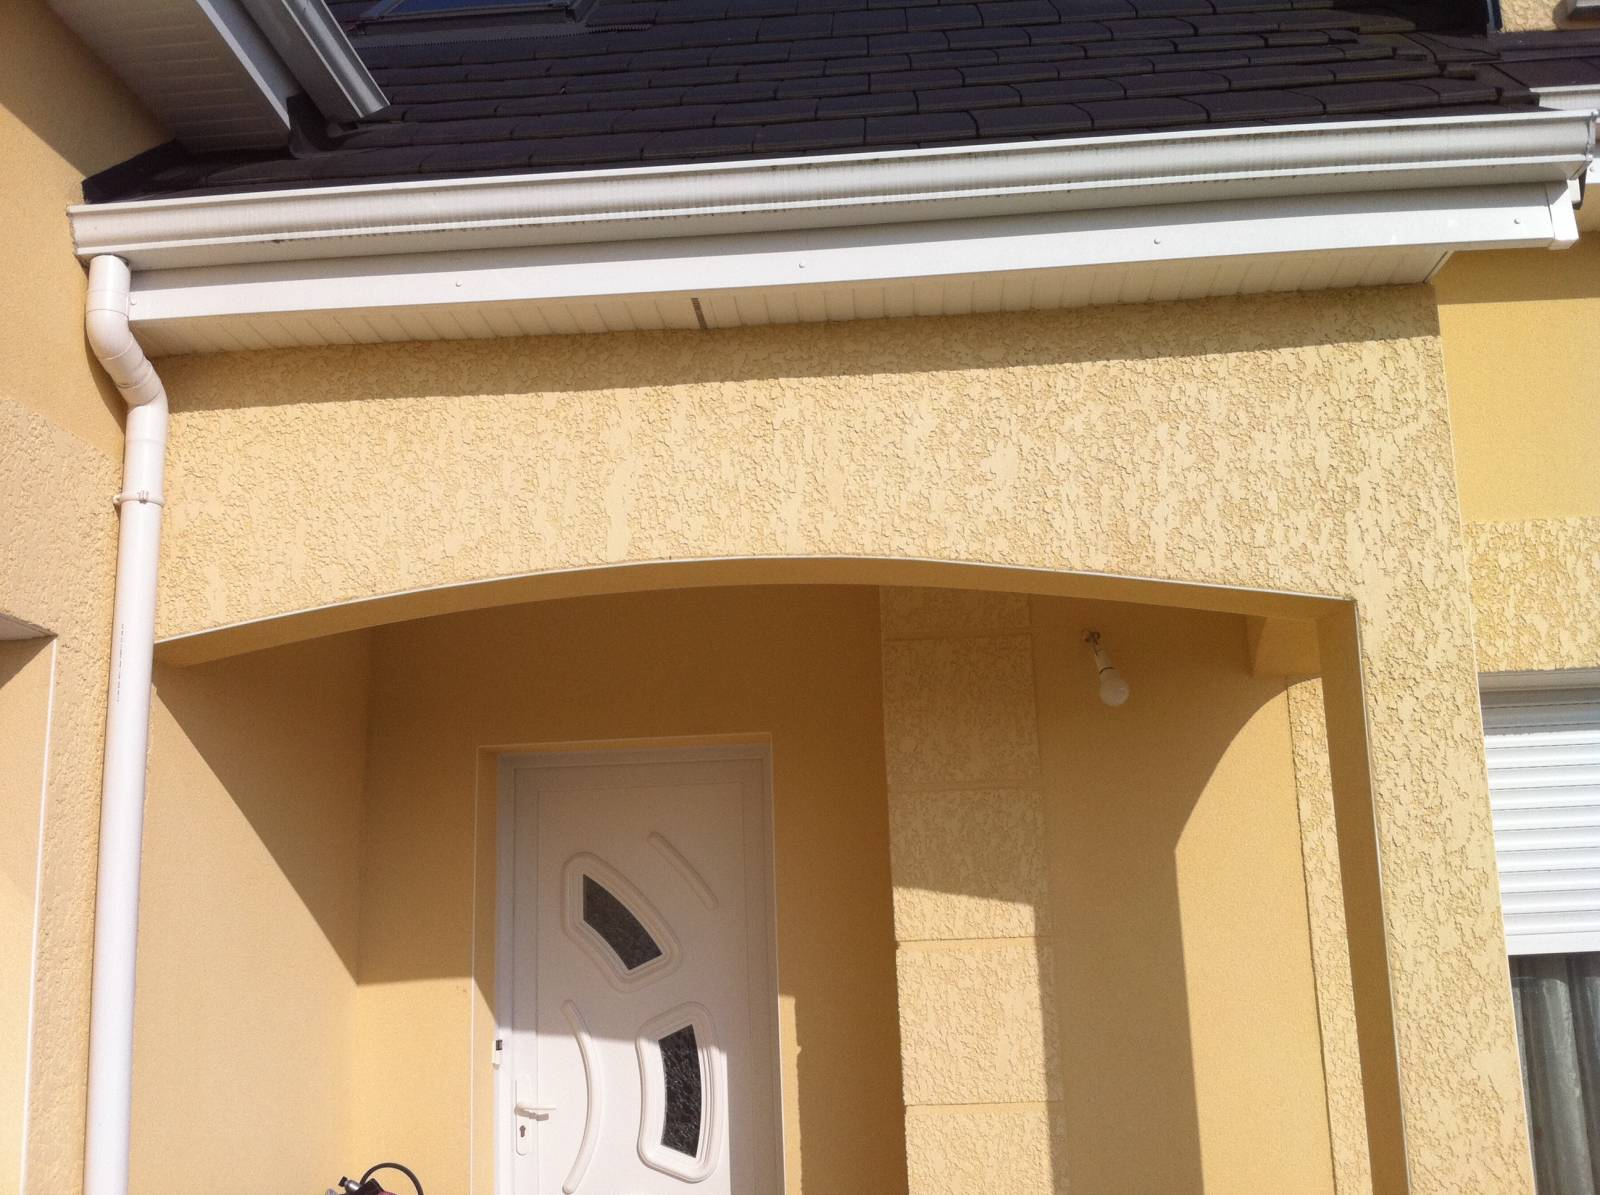 Pose Enduit De Facade Monocouche rénovation d'une façade extérieure avec pose d'un enduit